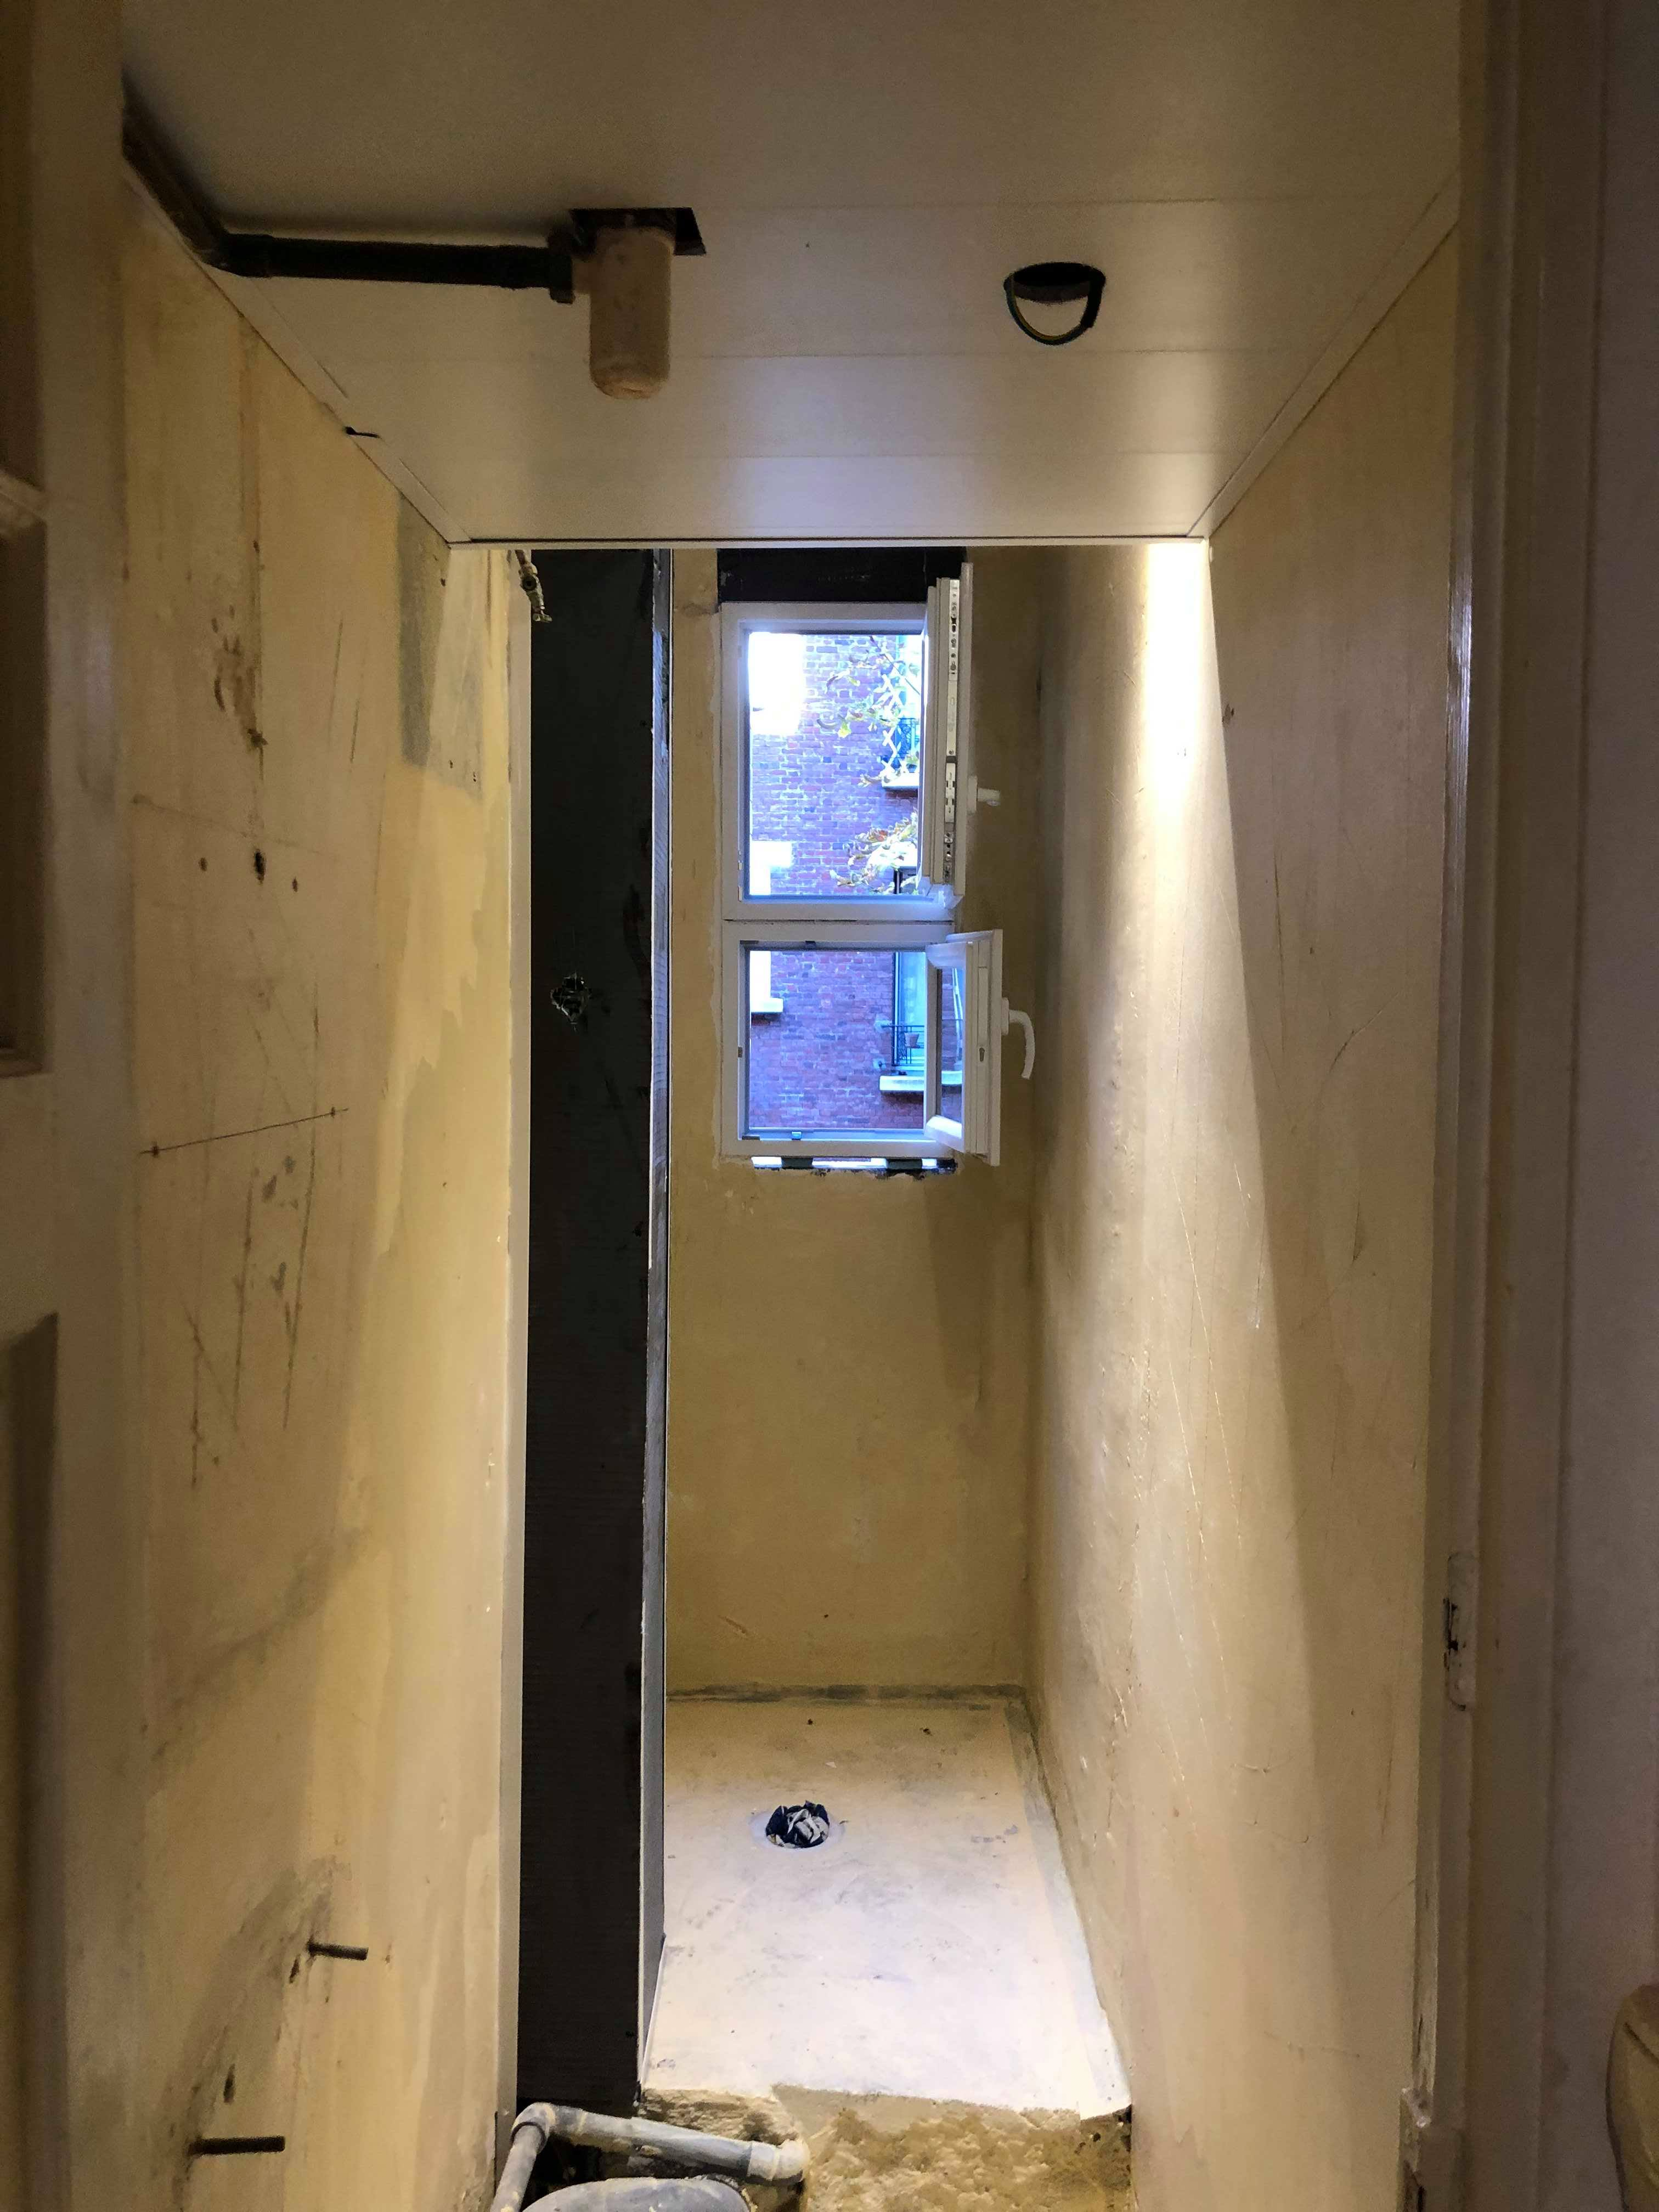 entreprise-generale-texas-batiment-mohamed-soliman-rge-travaux-renovation-salle-de-bain-carrelage-plomberie-douche-a-l-italienne-espace-moderne-sobre-8